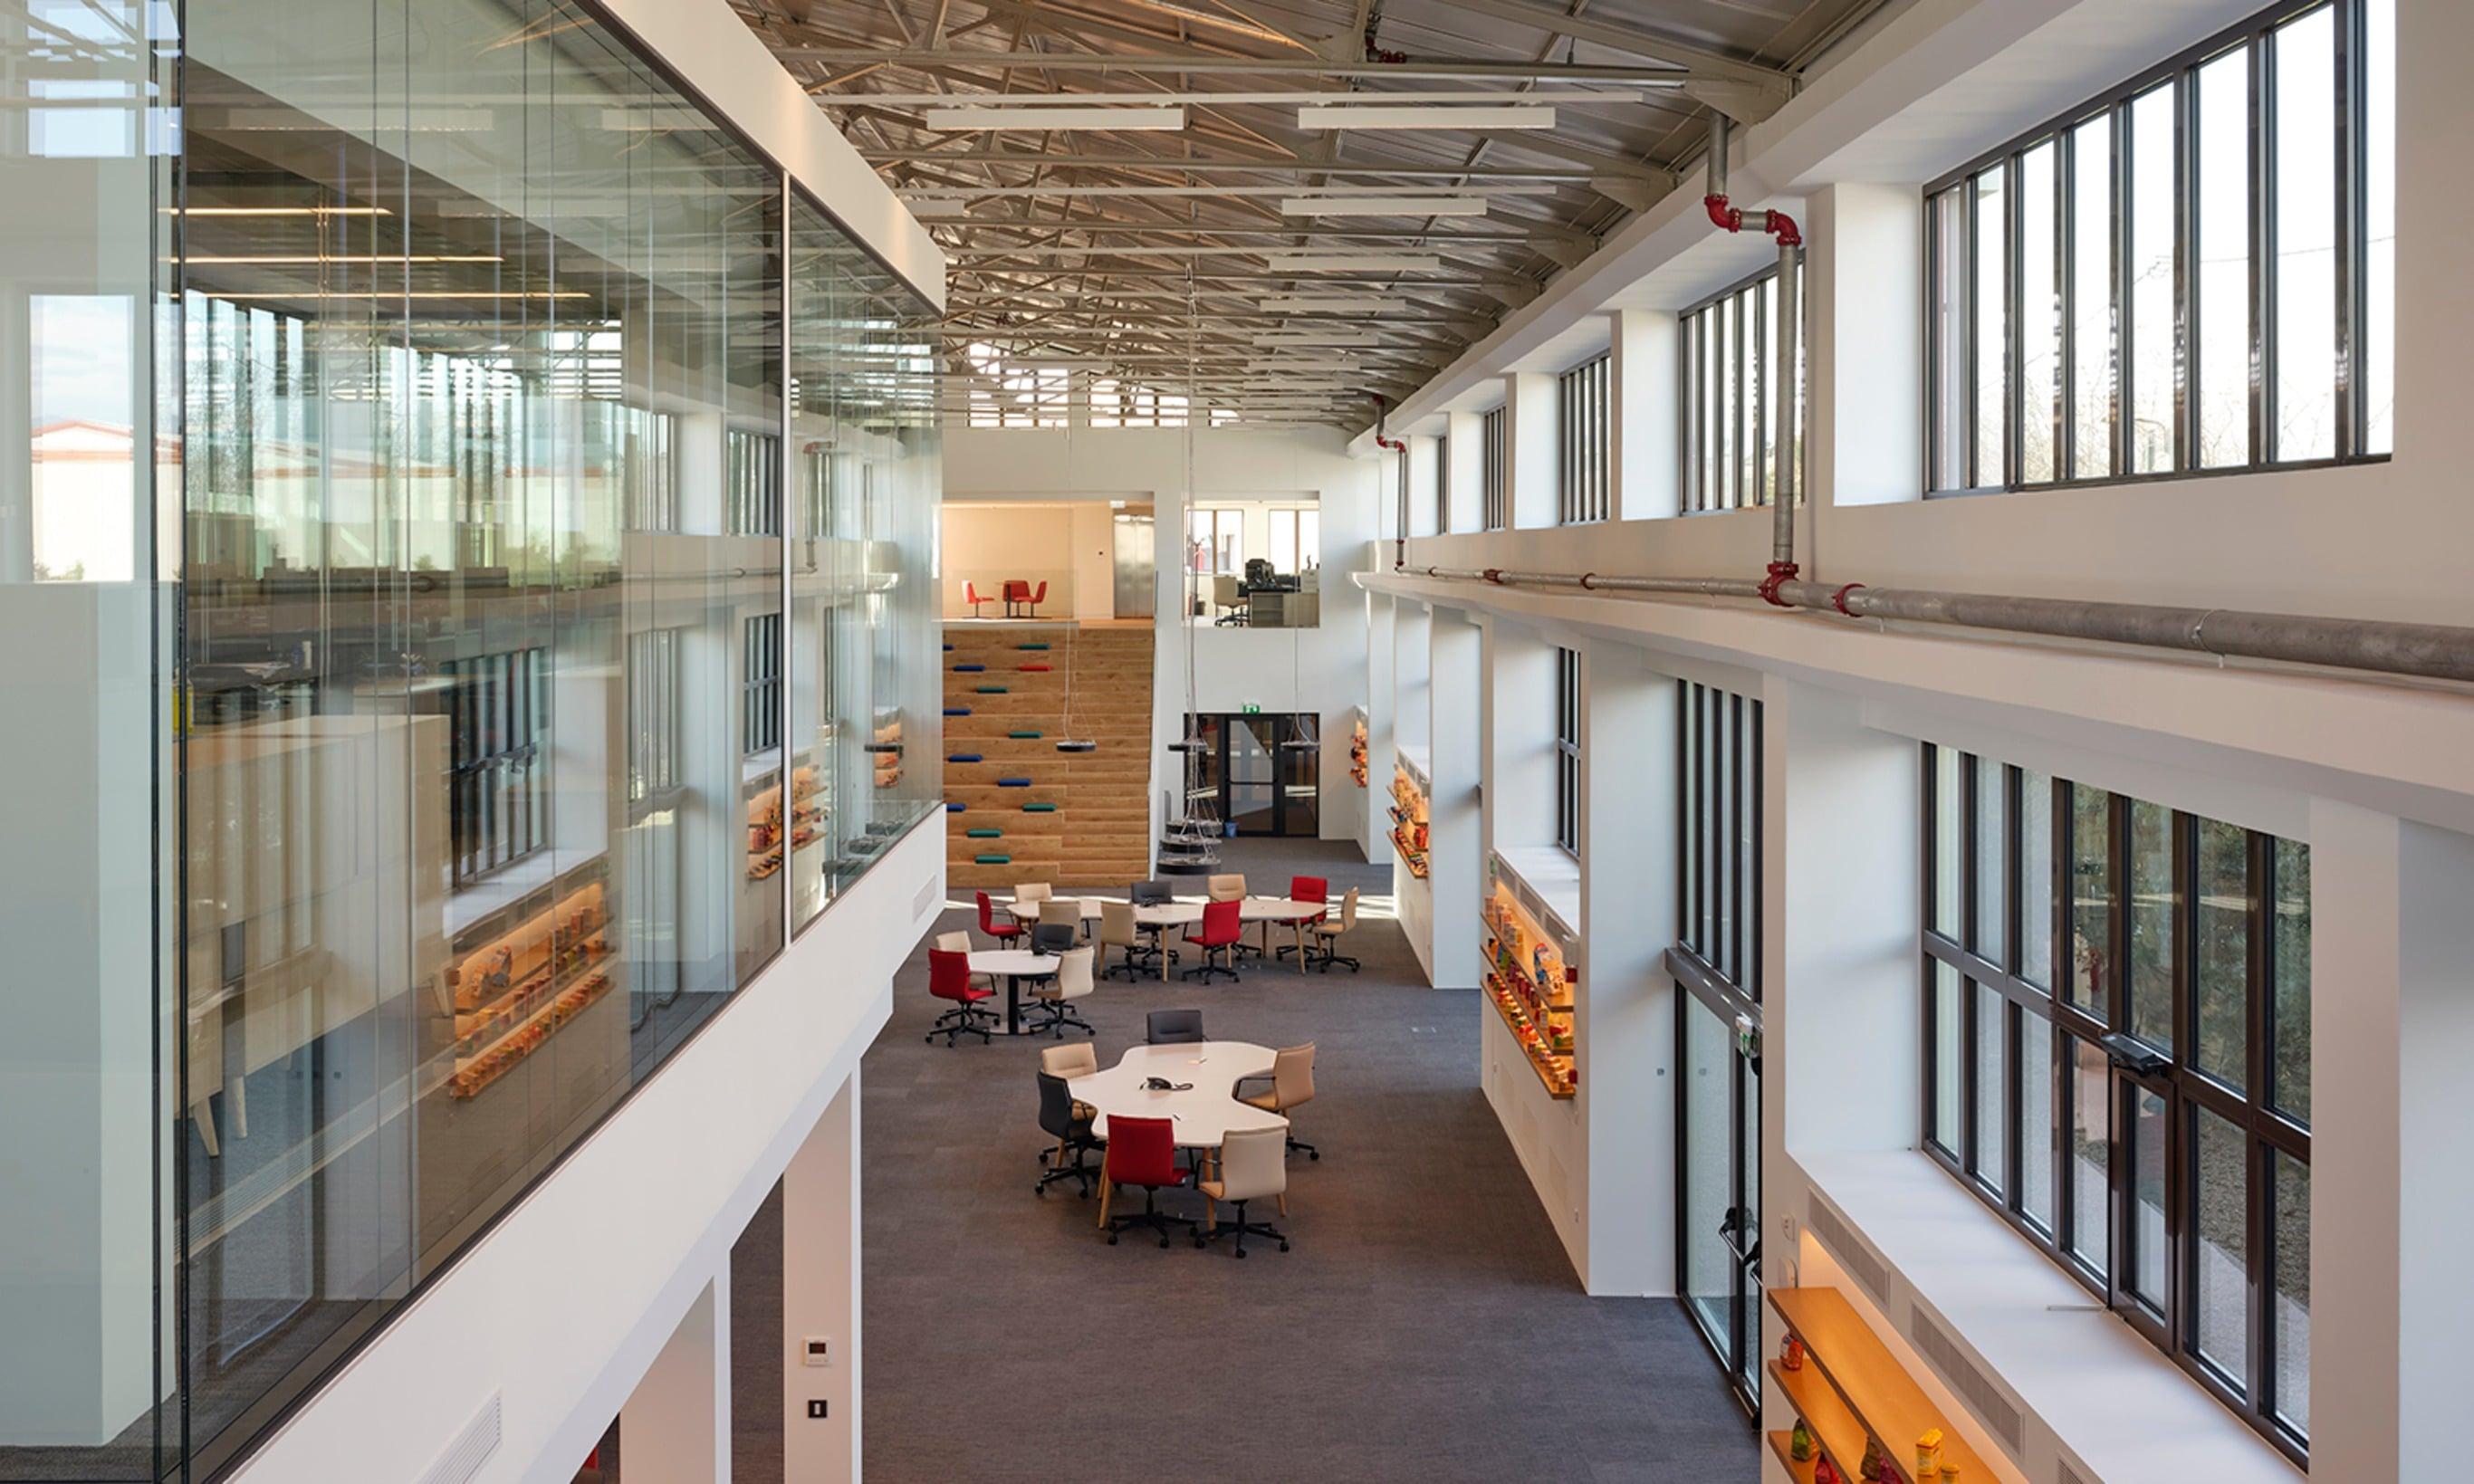 Image for Τα νέα γραφεία της εταιρείας μας σέβονται το περιβάλλον